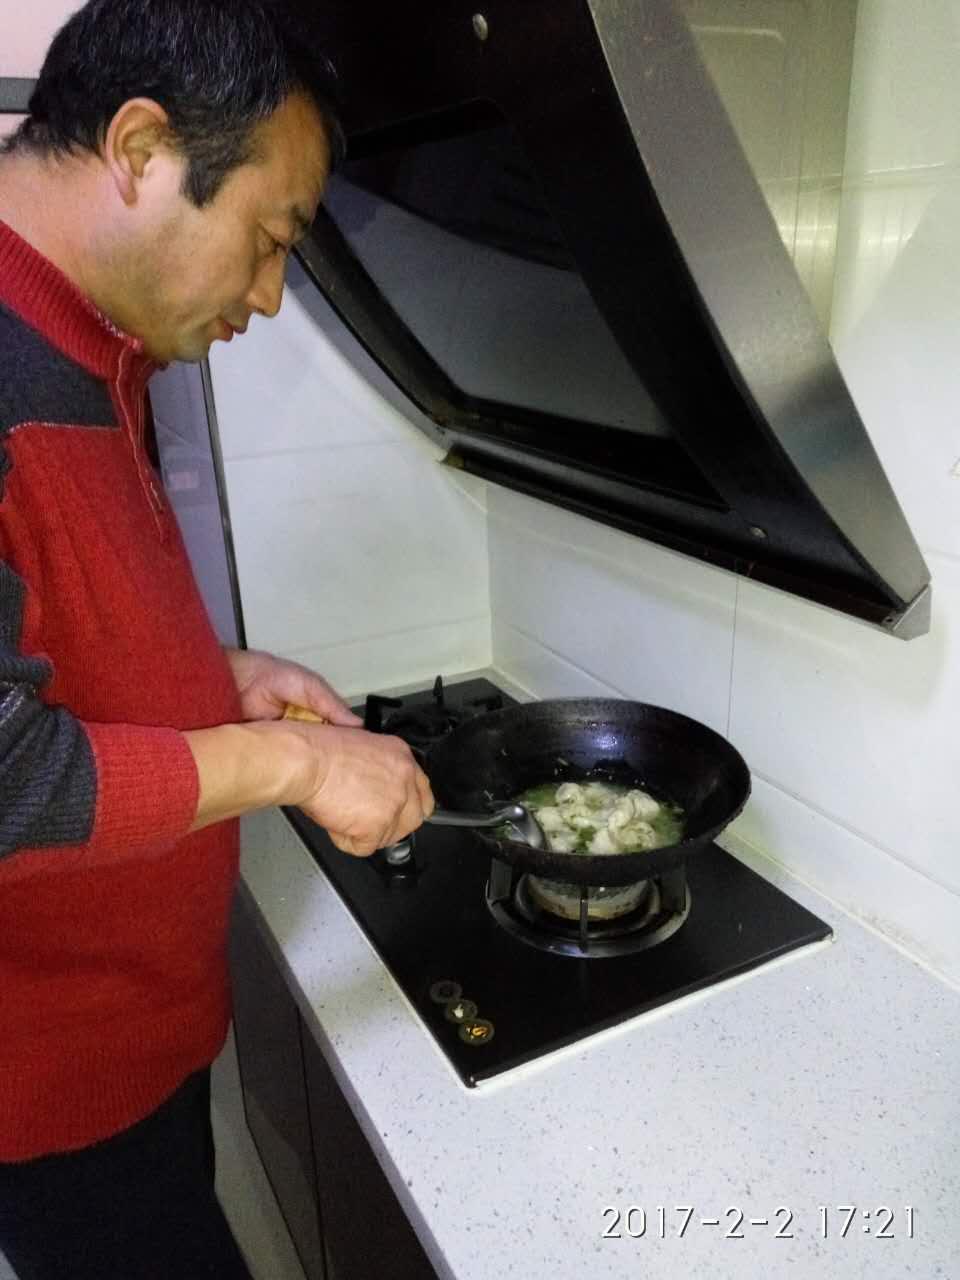 2月2日,张忠祥在家为出院在家的妻子准备晚餐。新华社发